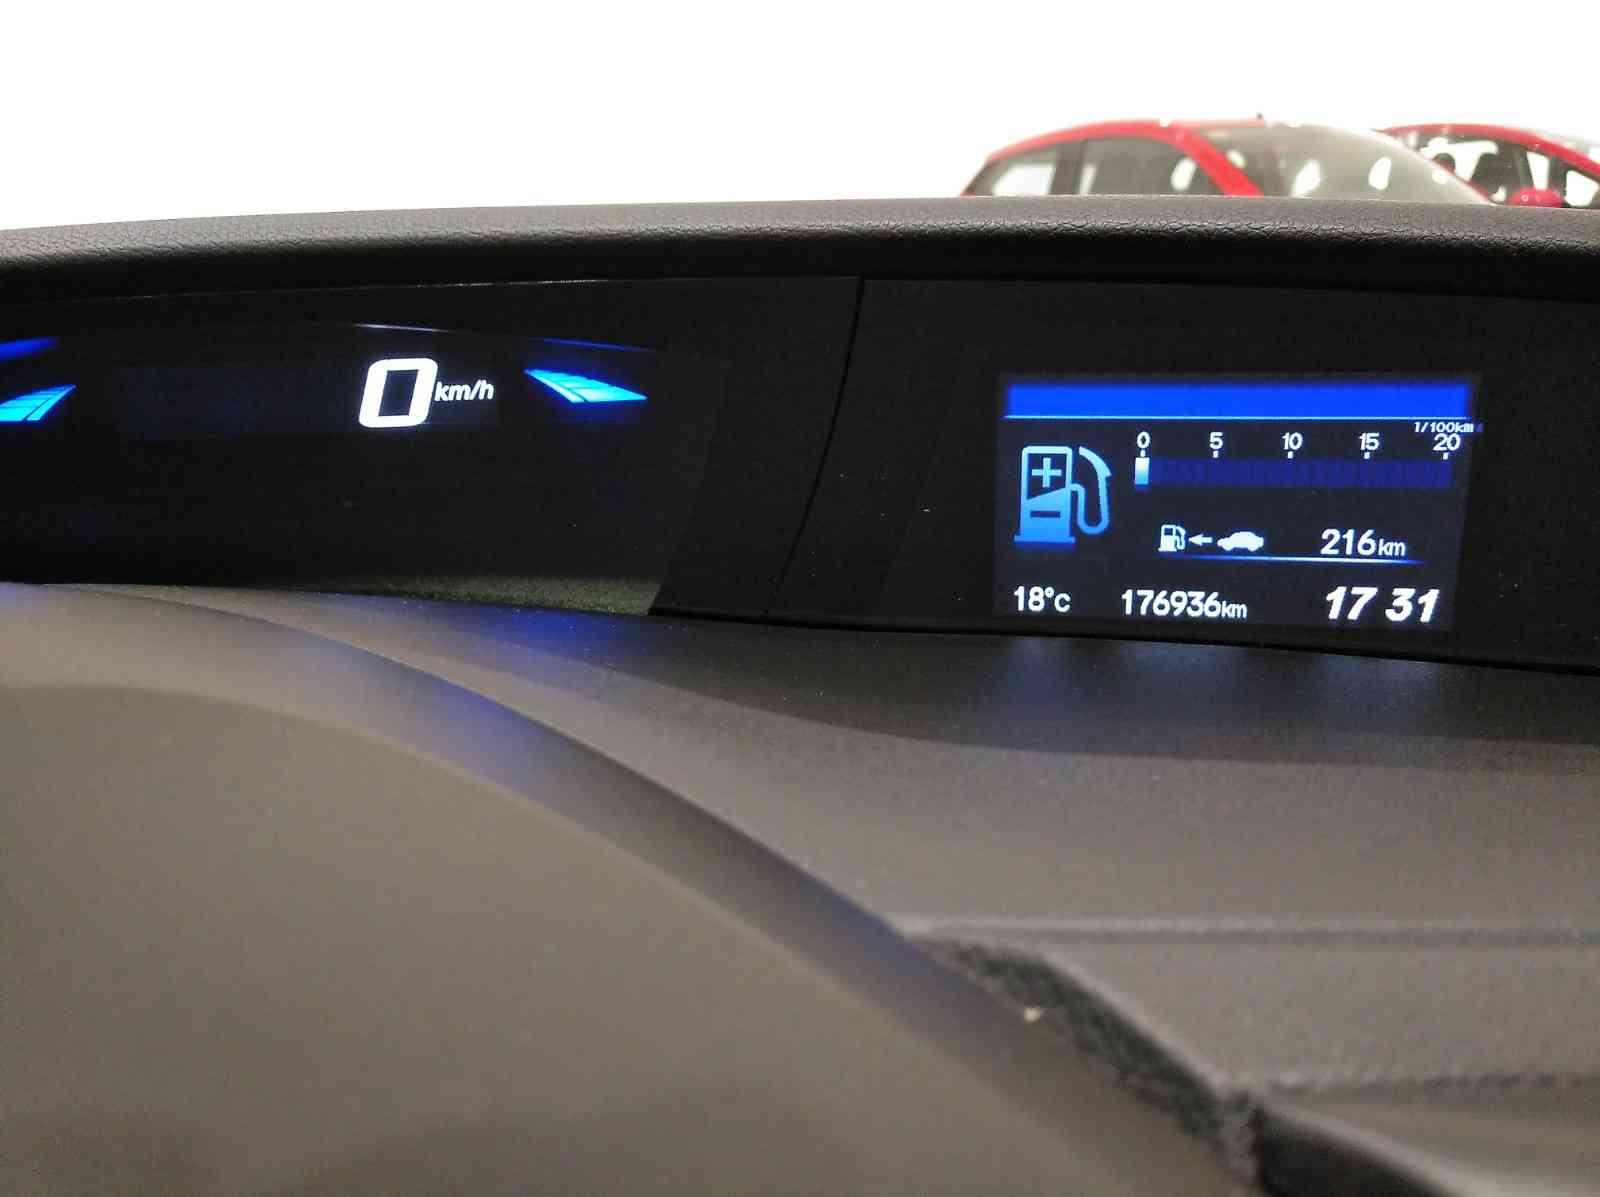 Imagen del Honda Civic 9 generación Hatchback 5-puertas